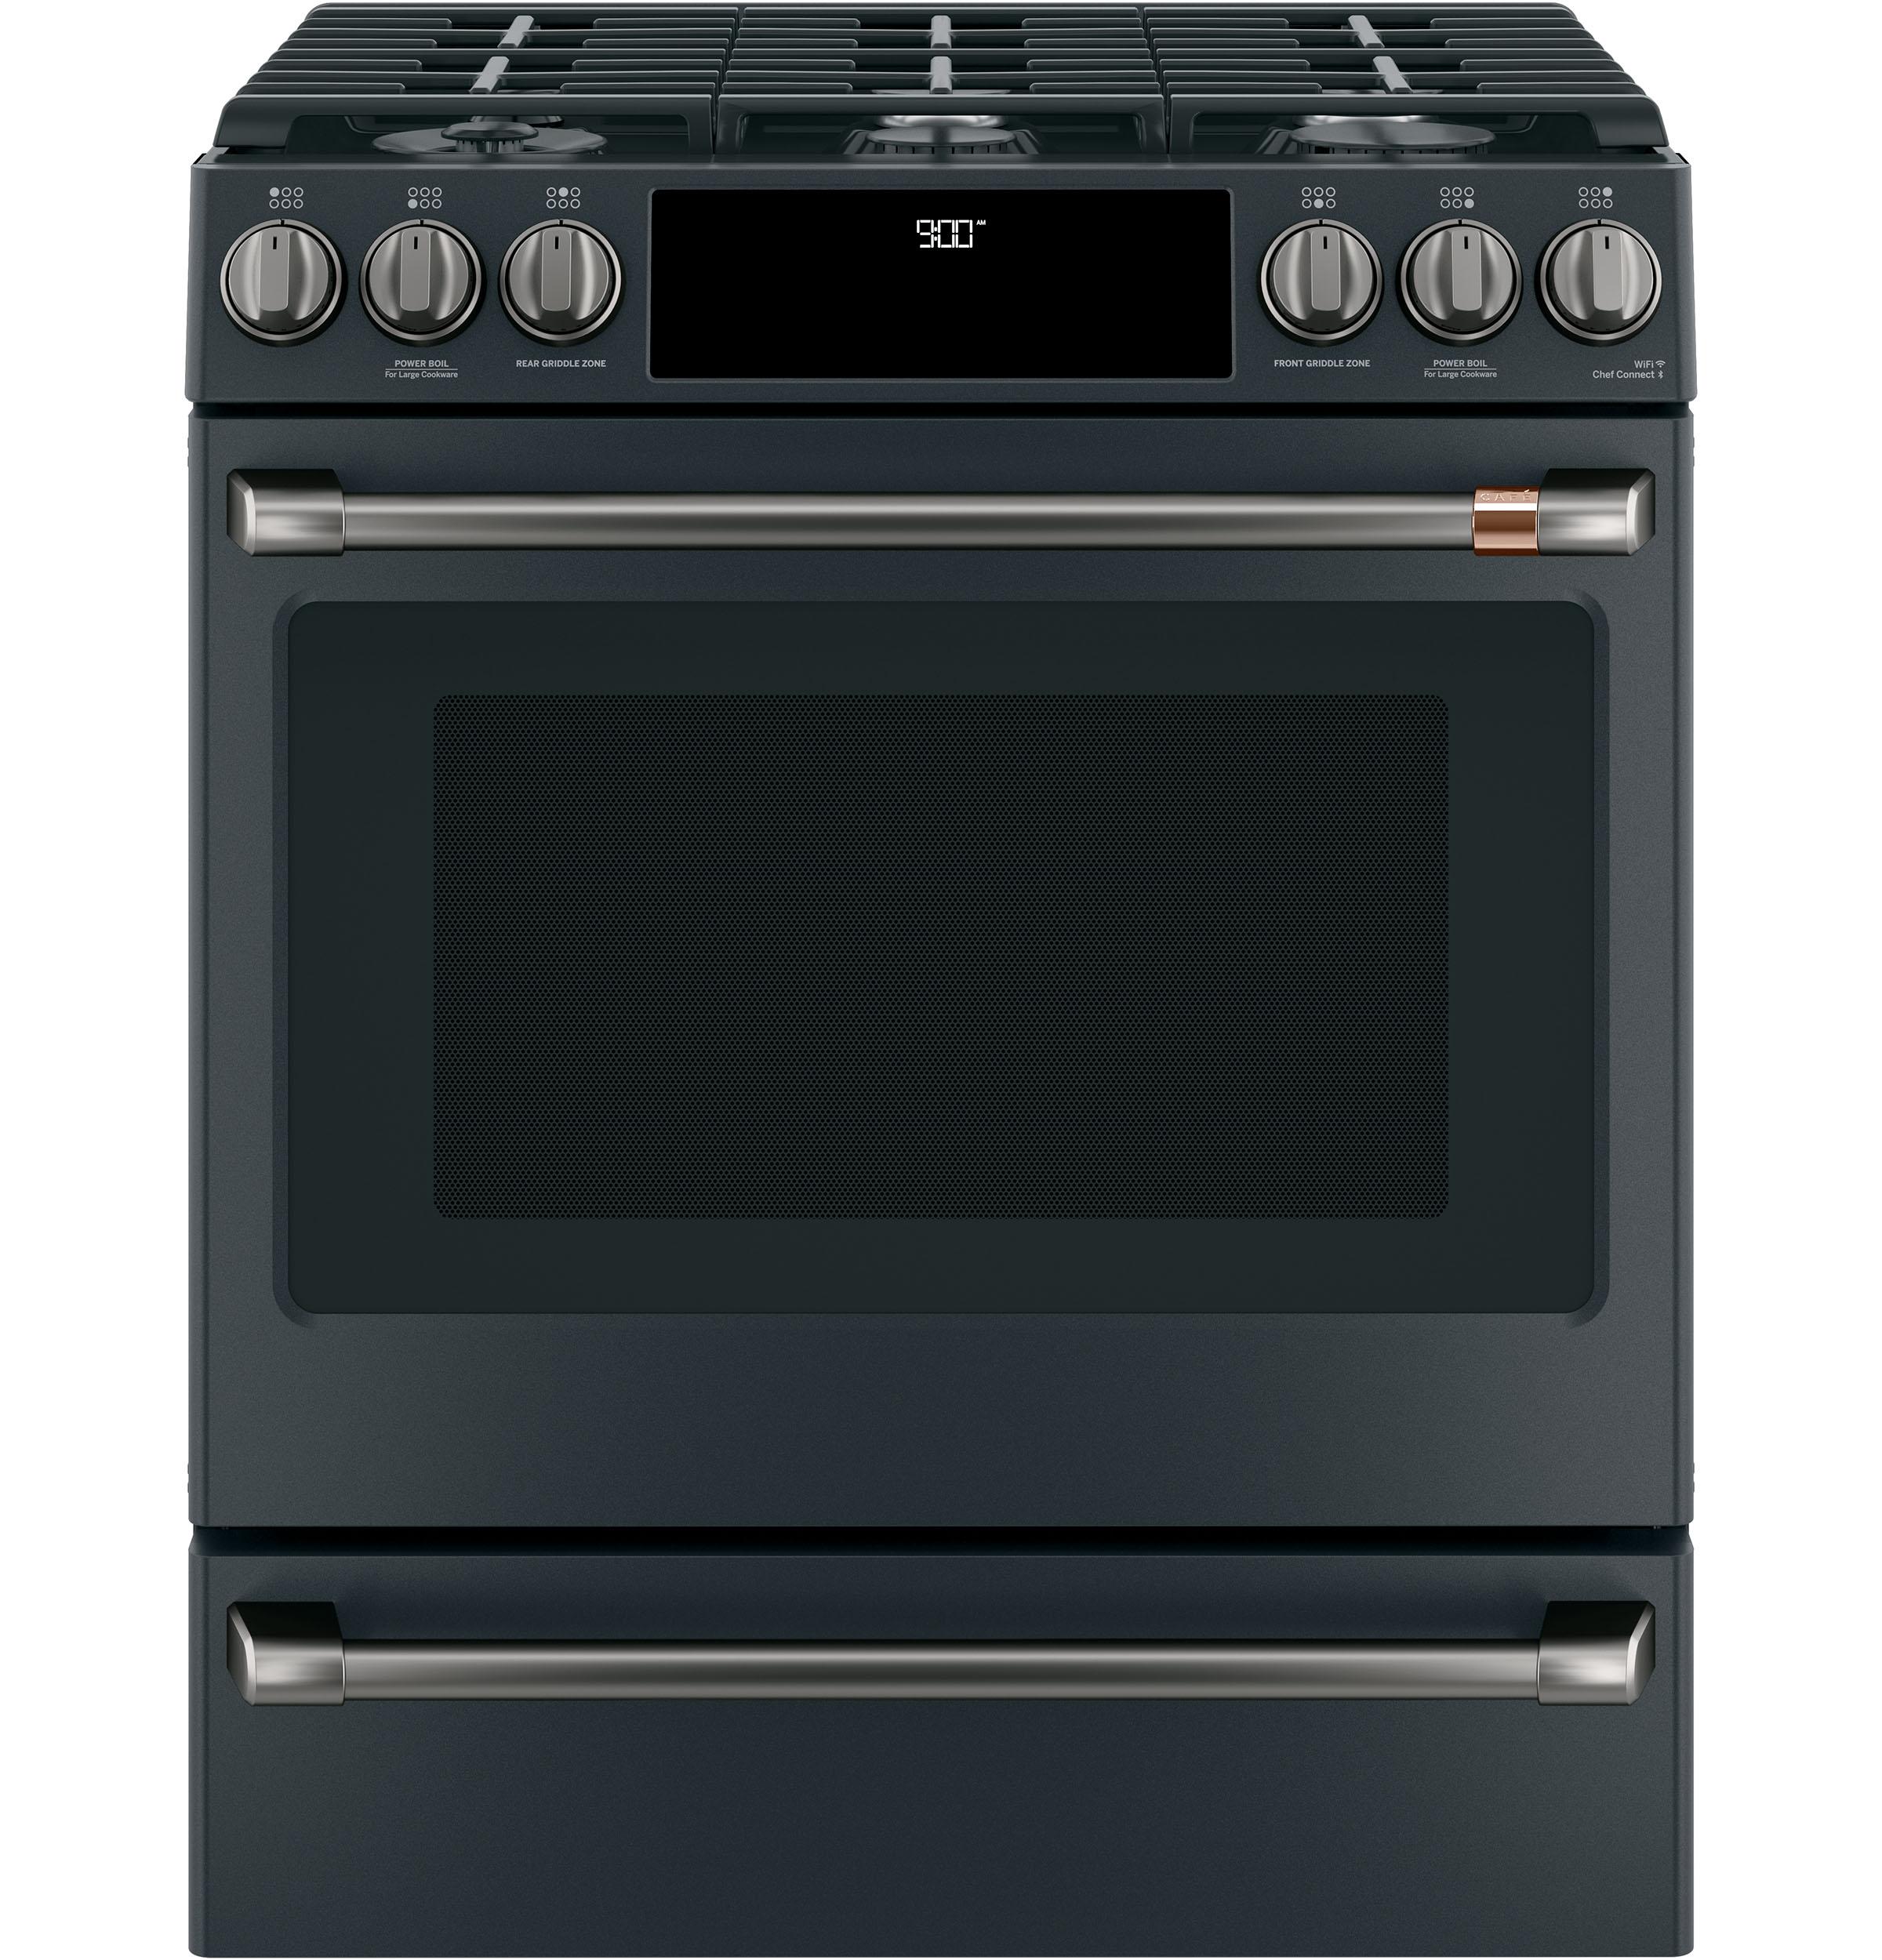 Model: C2S900P3MD1 | Café™ 30